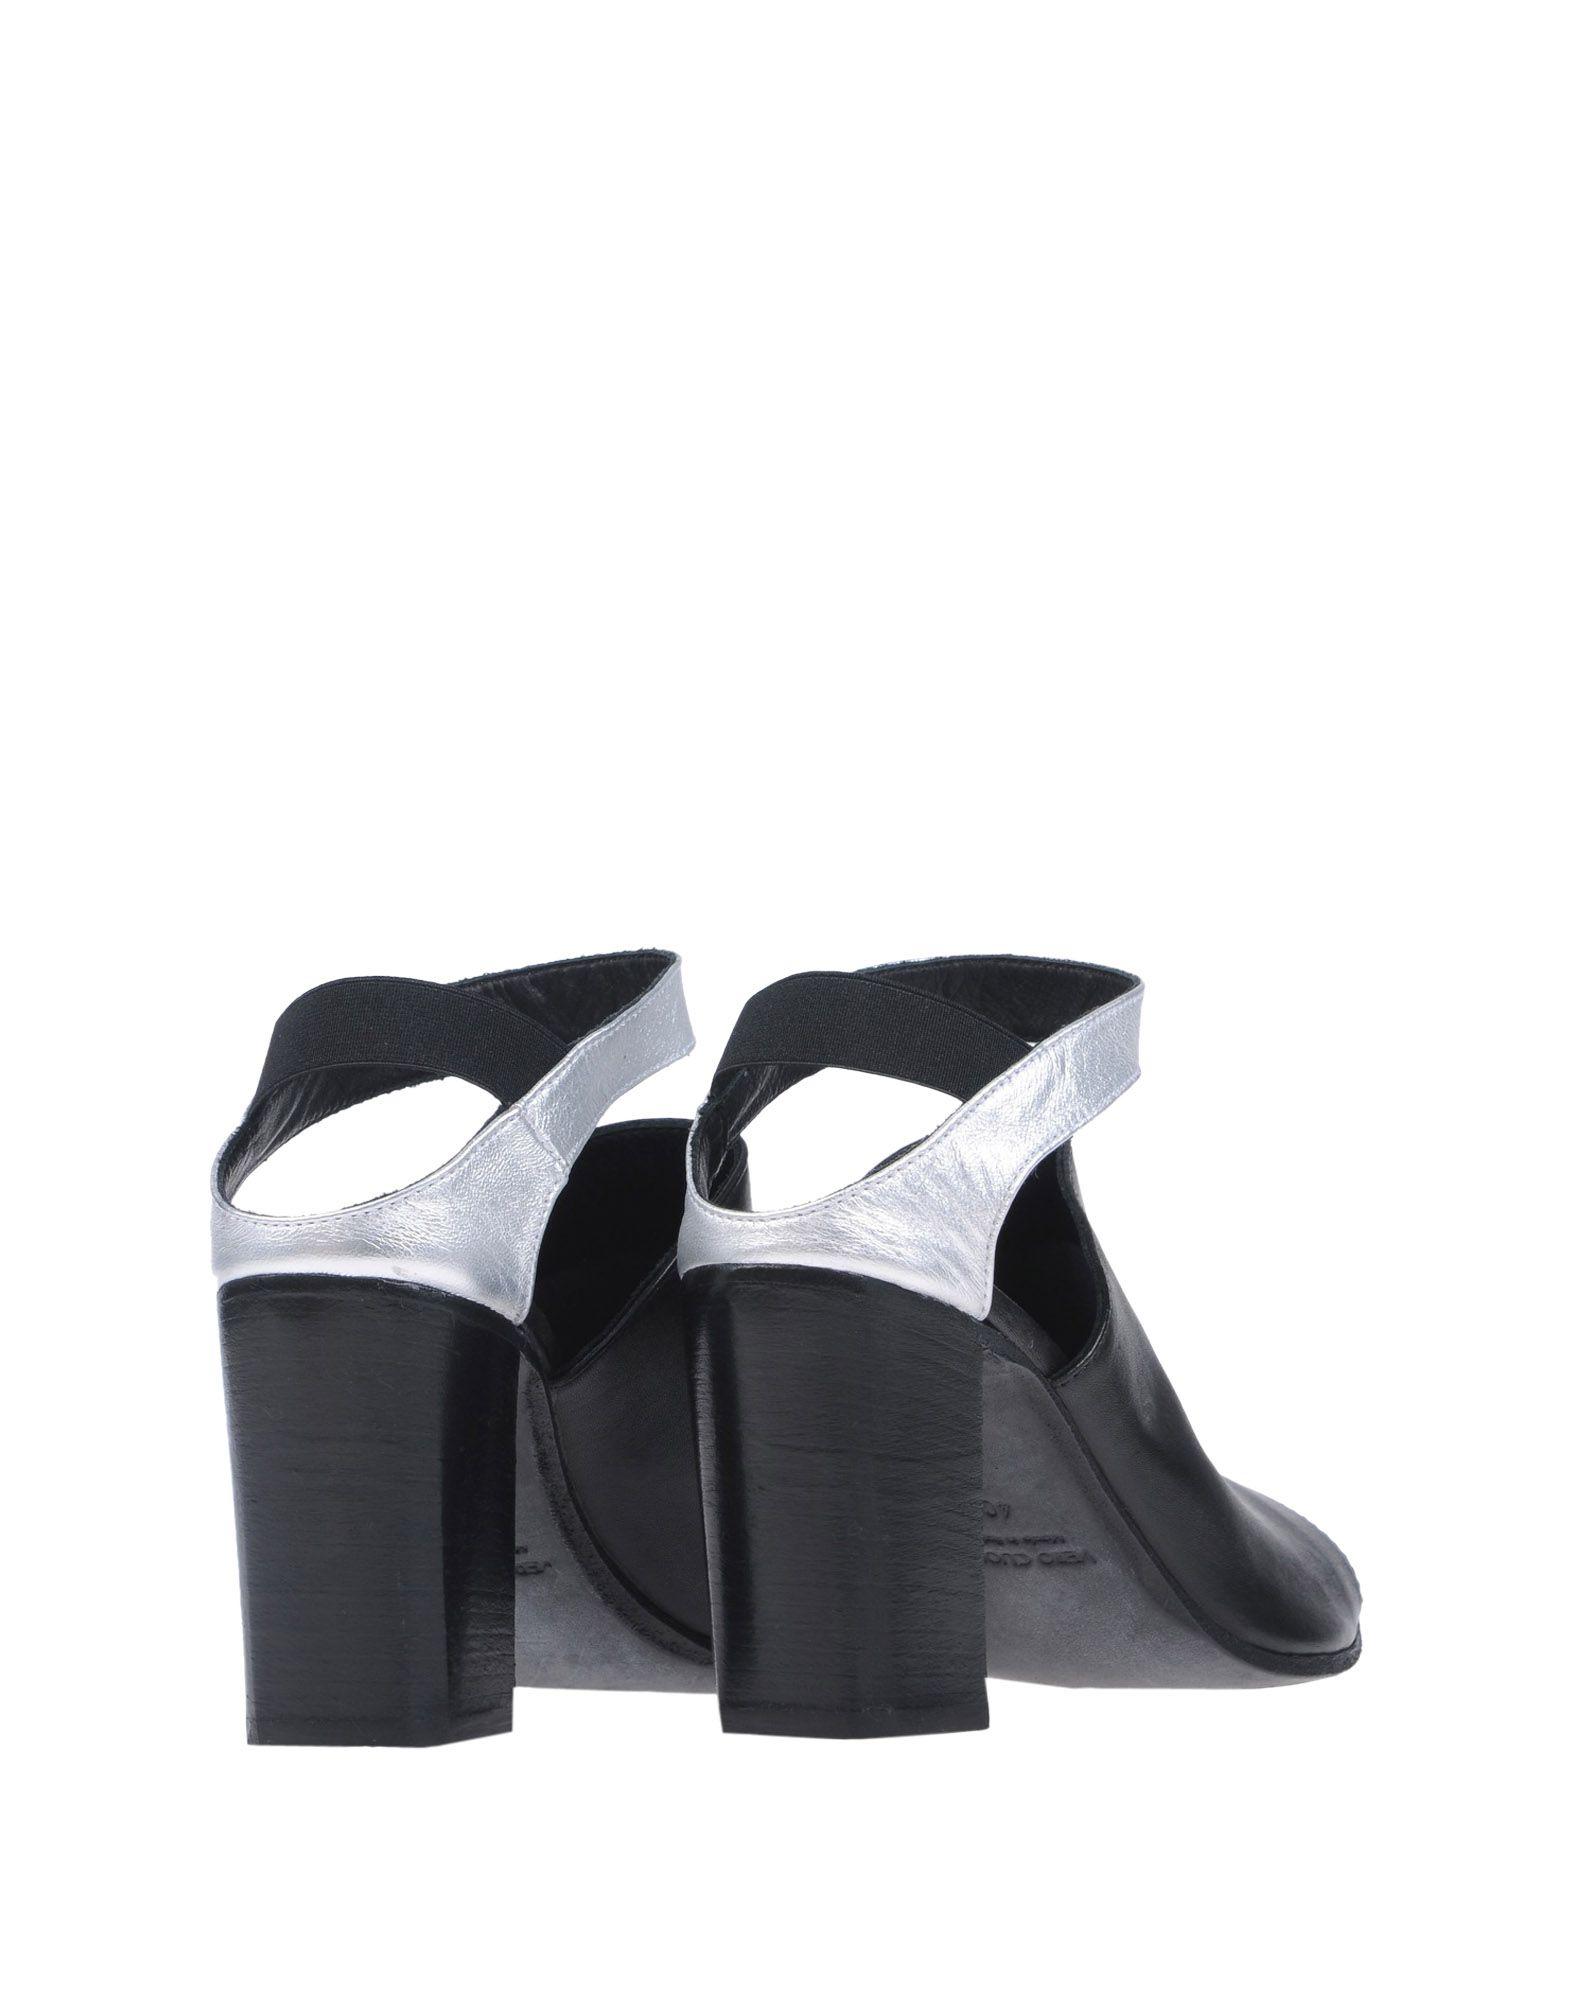 Lemaré Sandalen Damen  11232431FC Gute Qualität beliebte Schuhe Schuhe beliebte b7ce5c